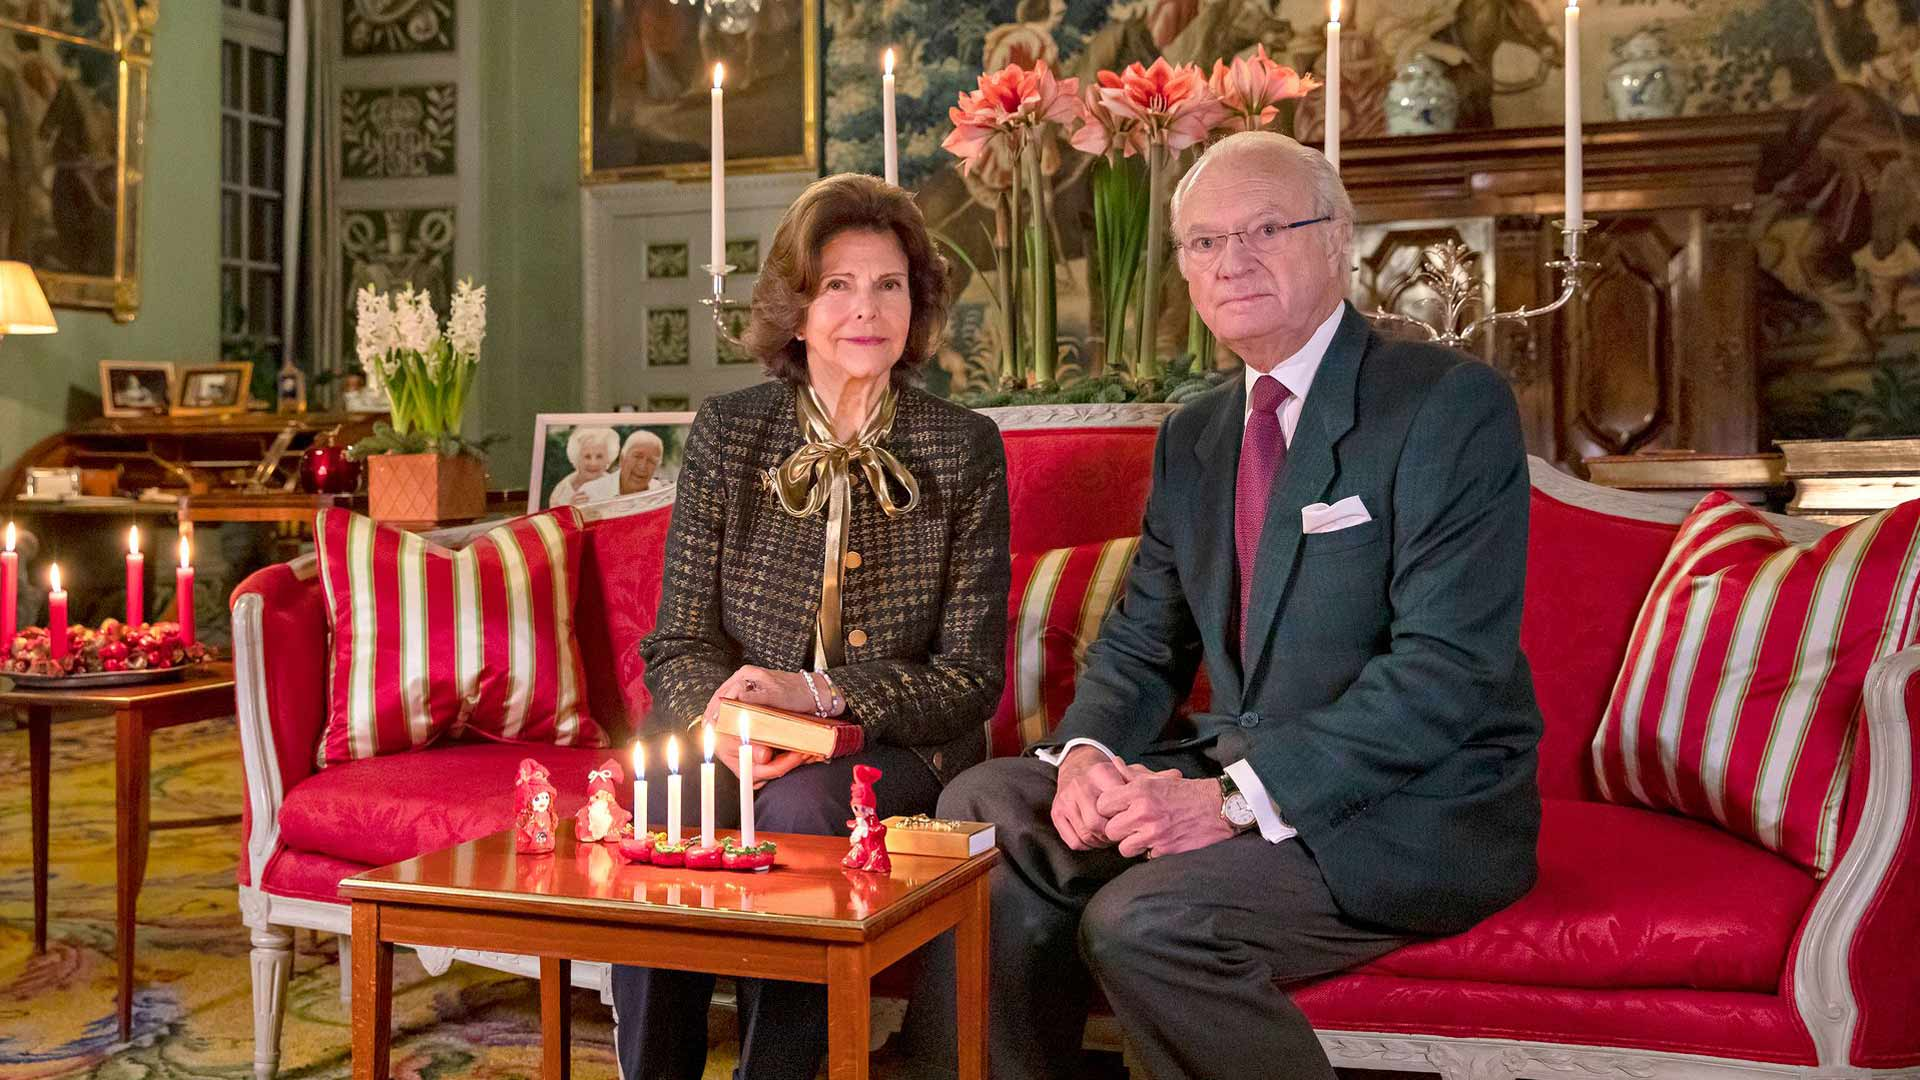 Kuningatar Silvia ja kuningas Kaarle Kustaa viettivät joulua perinteisesti Drottningholmin linnassa. Juhlallisuudet alkoivat kuningattaren syntymäpäivänä aatonaattona. Hovi vahvisti, että kuningaspari noudatti koronarajoituksia joulunakin.